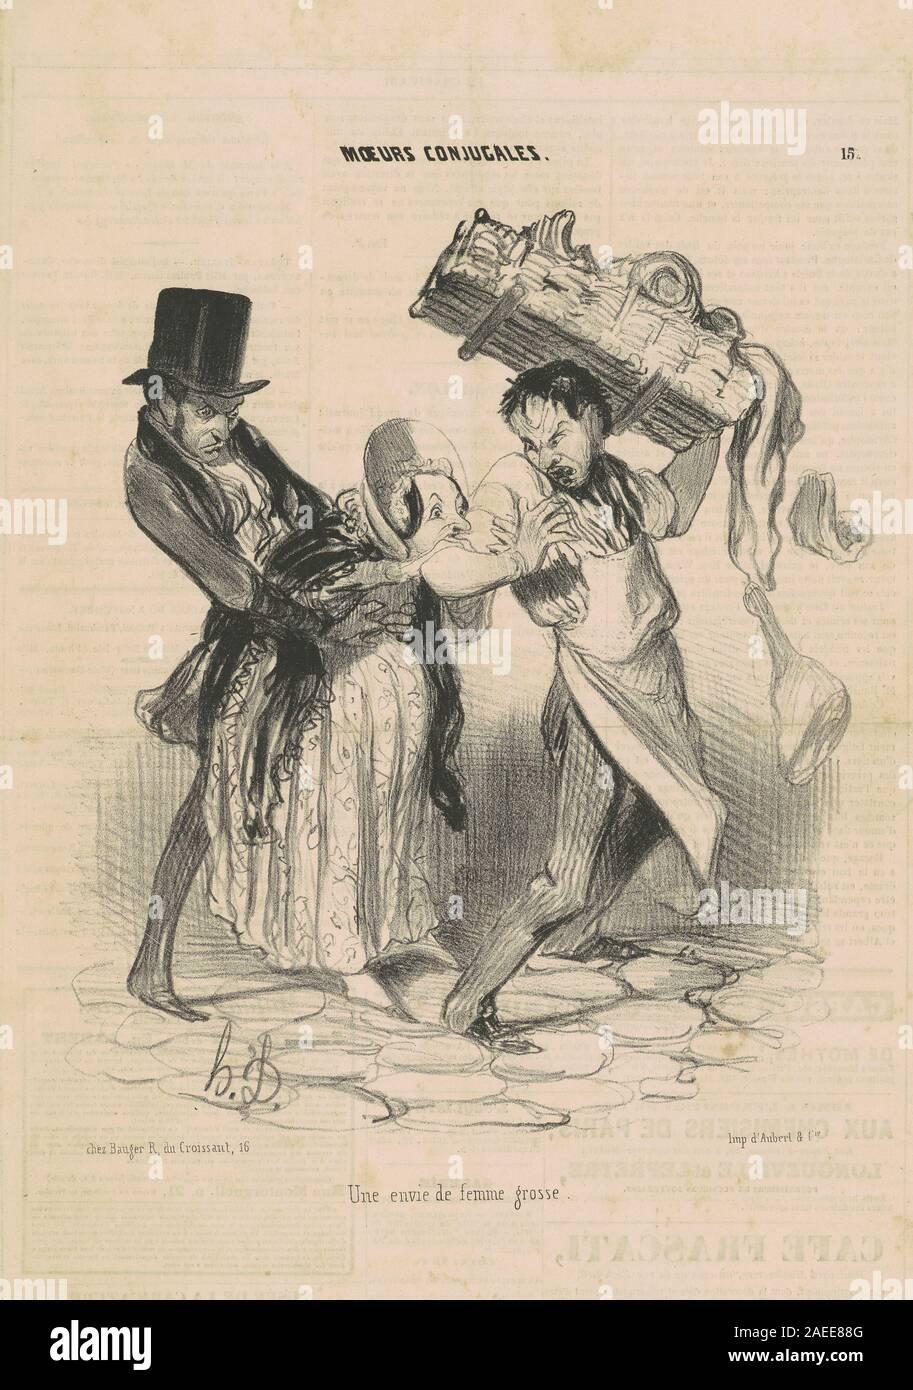 Honore Daumier Une Envie De Femme Grosse 19th Century Une Envie De Femme Grosse 19th Century Date Stock Photo Alamy